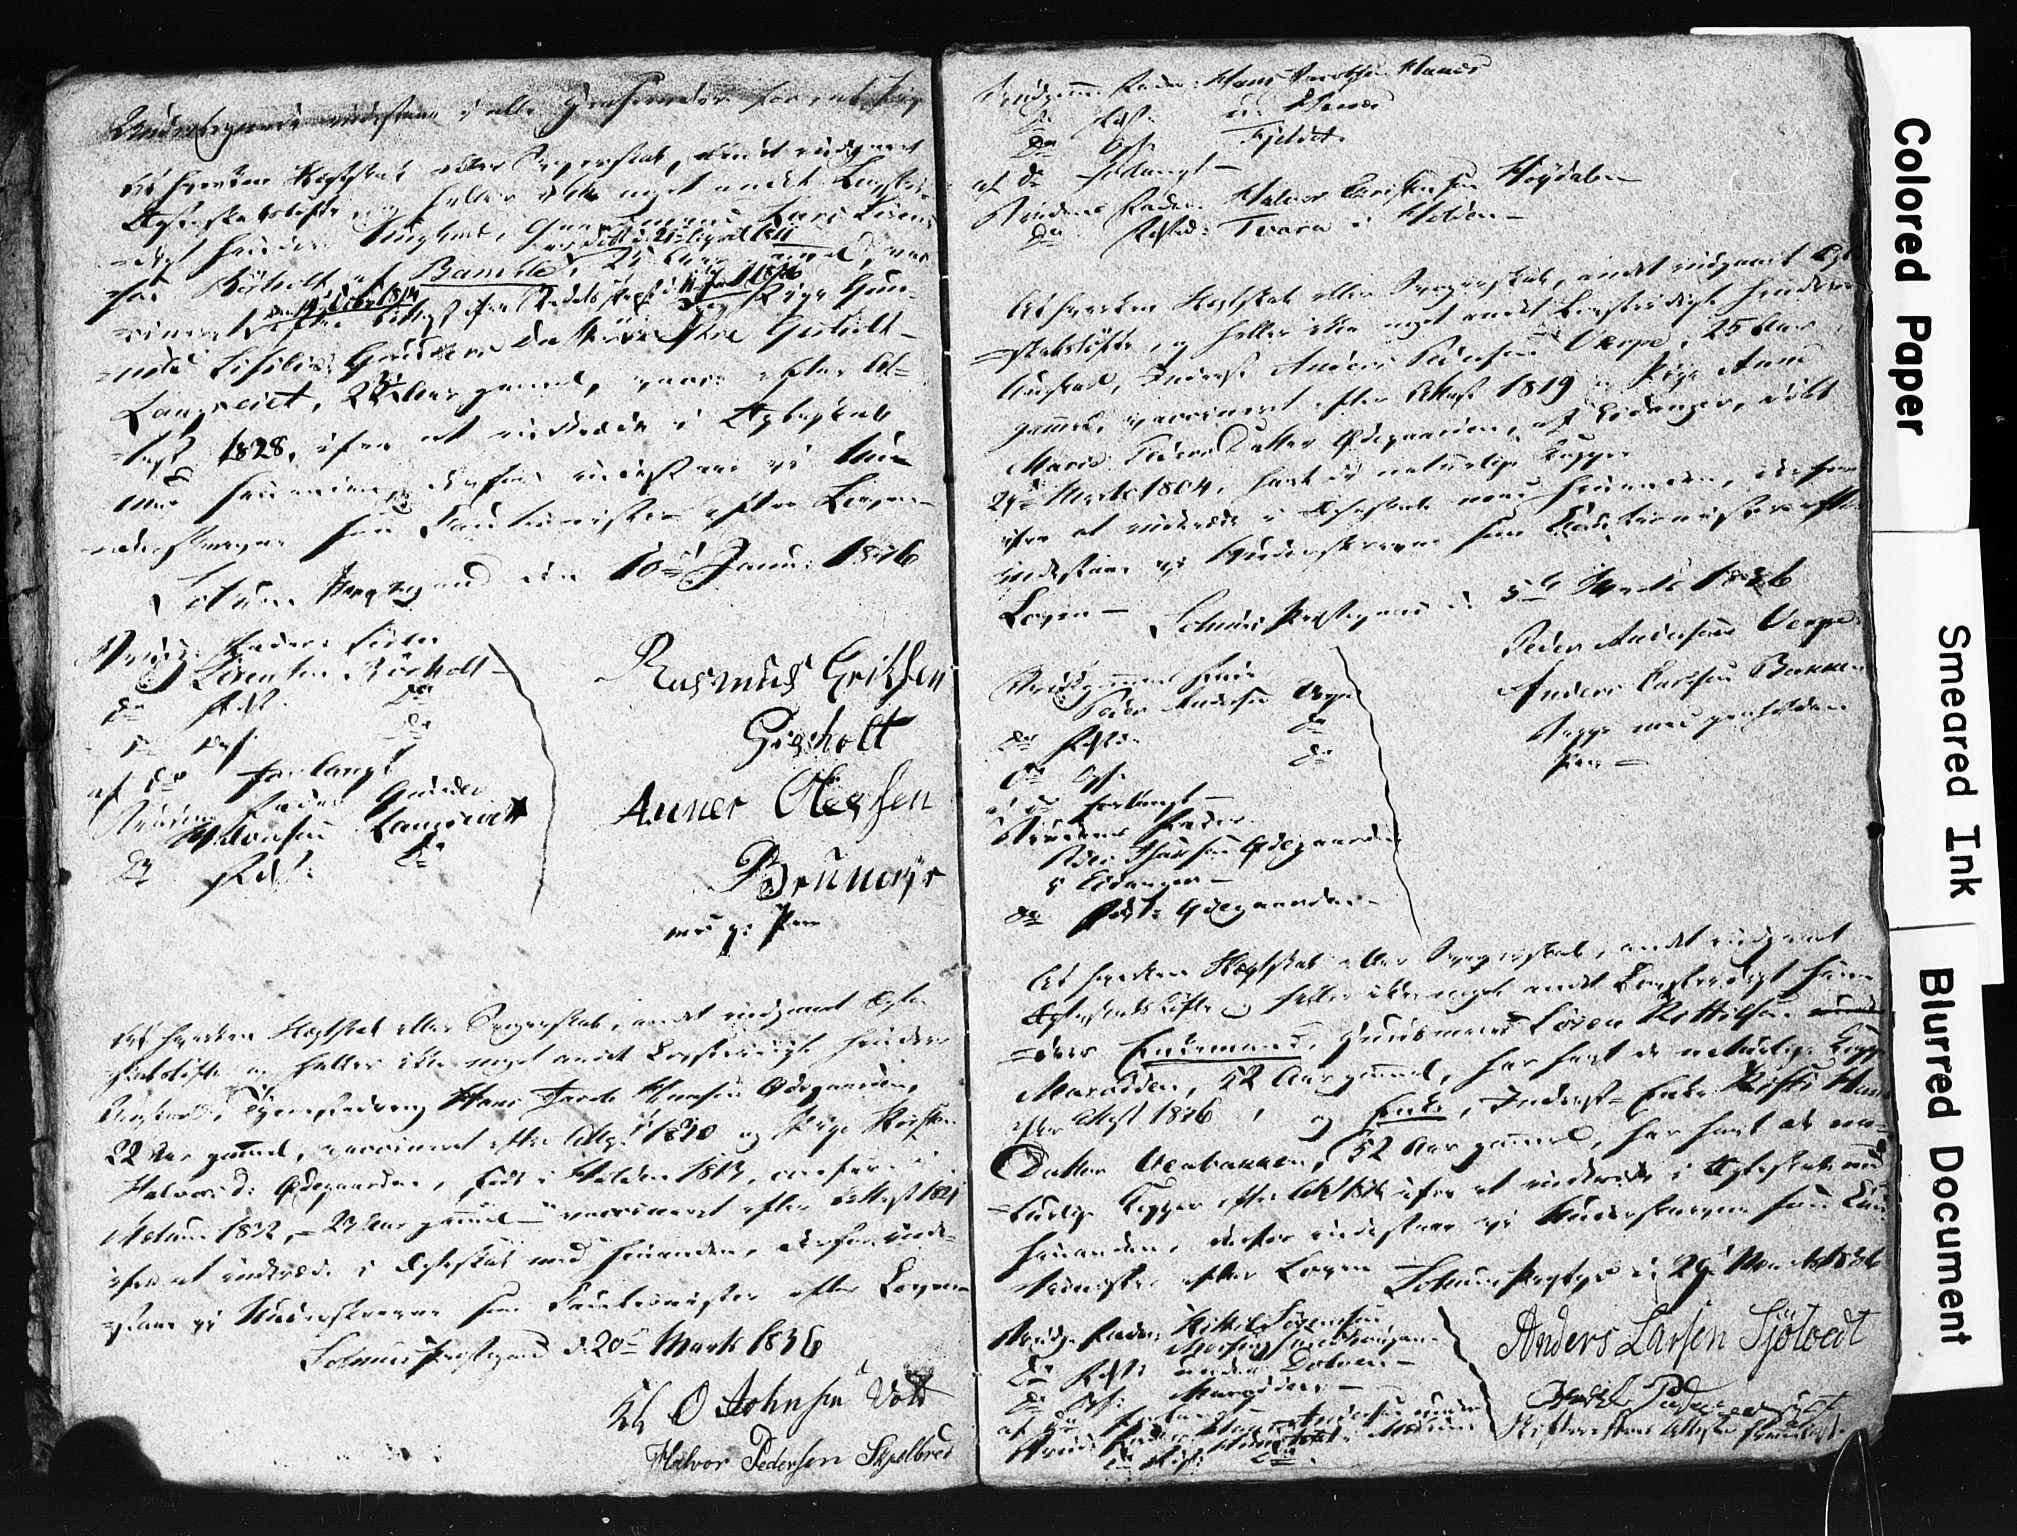 SAKO, Solum kirkebøker, H/Hc/L0001: Forlovererklæringer nr. 1, 1834-1843